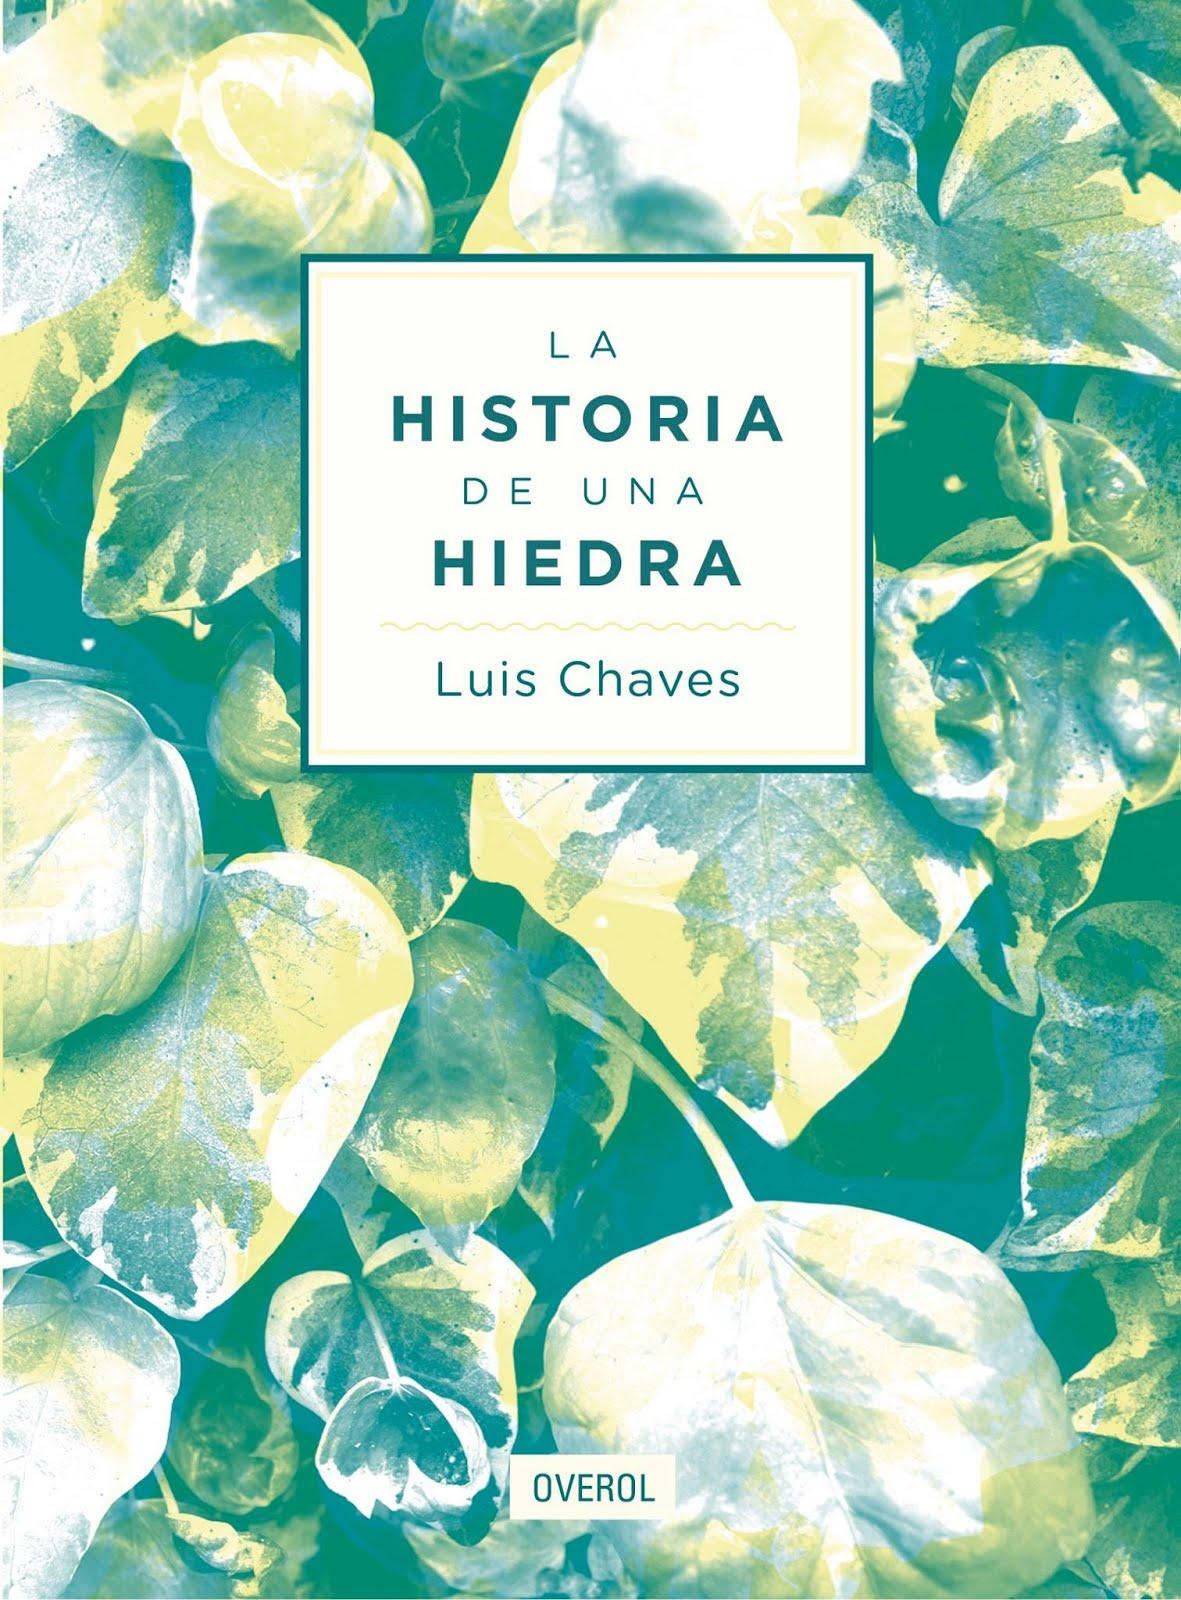 La historia de una hiedra / Ediciones Overol  / Chile / 2017